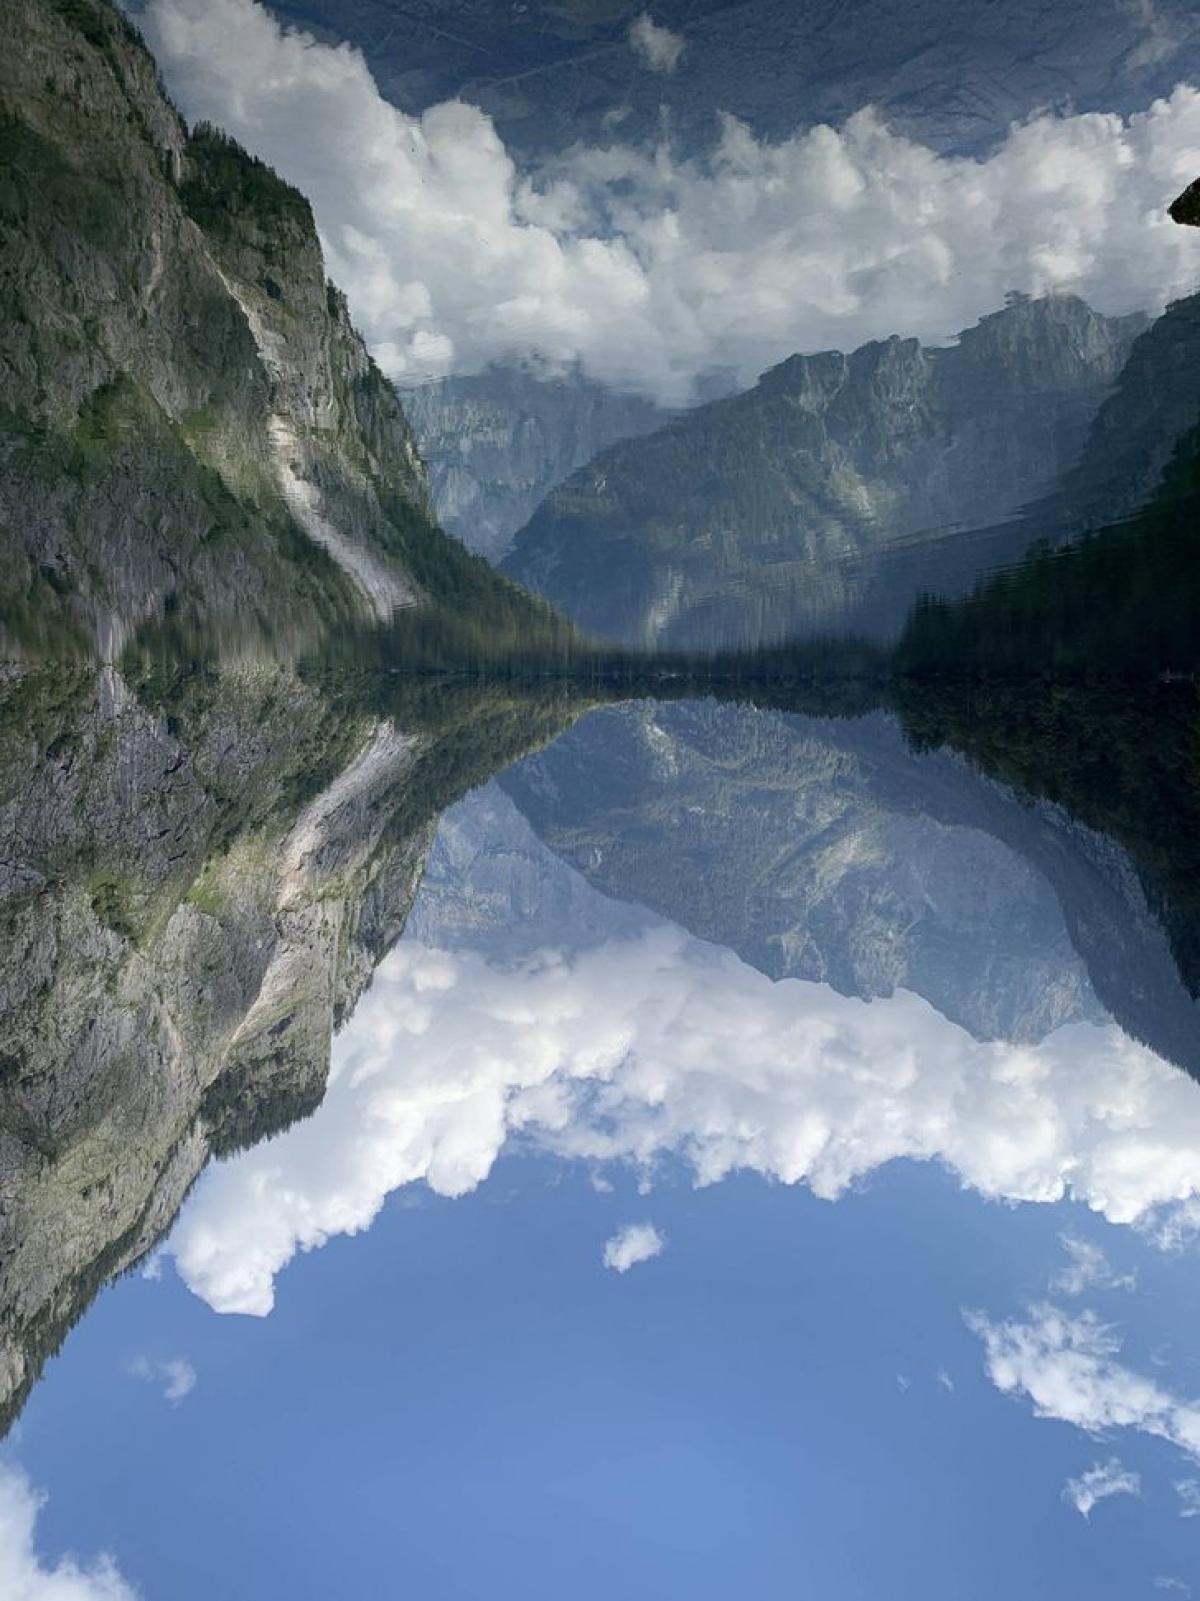 Không khí và dòng sông trong vắt tạo nên bức ảnh tuyệt đẹp ở vùngObersee, Berchtesgaden.